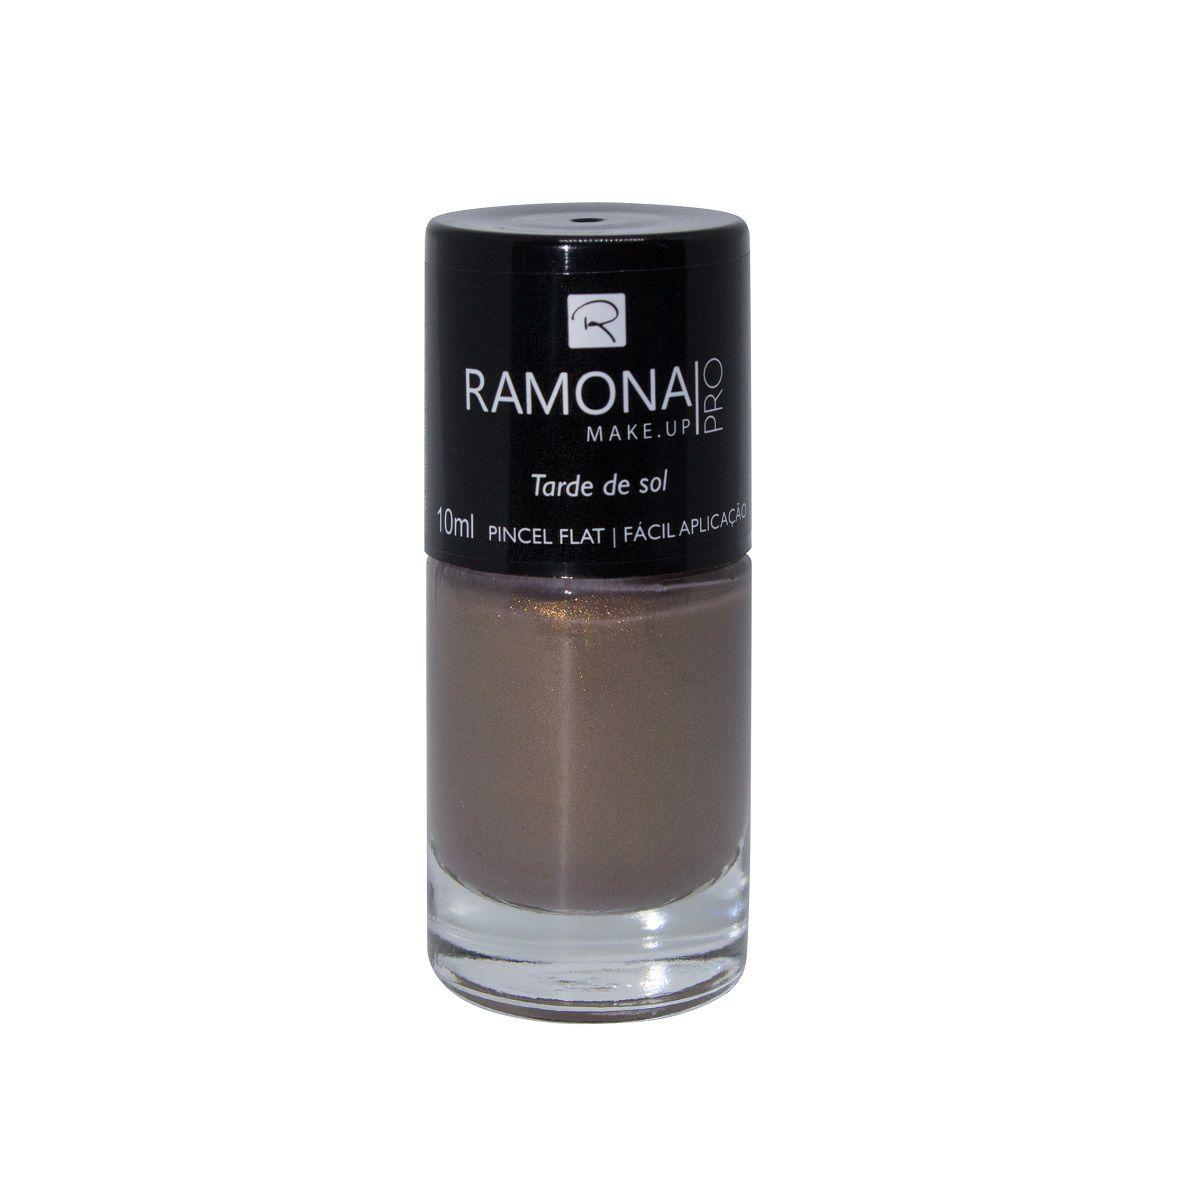 Esmalte cintilante Ramona Cosméticos Tarde de sol 10ml